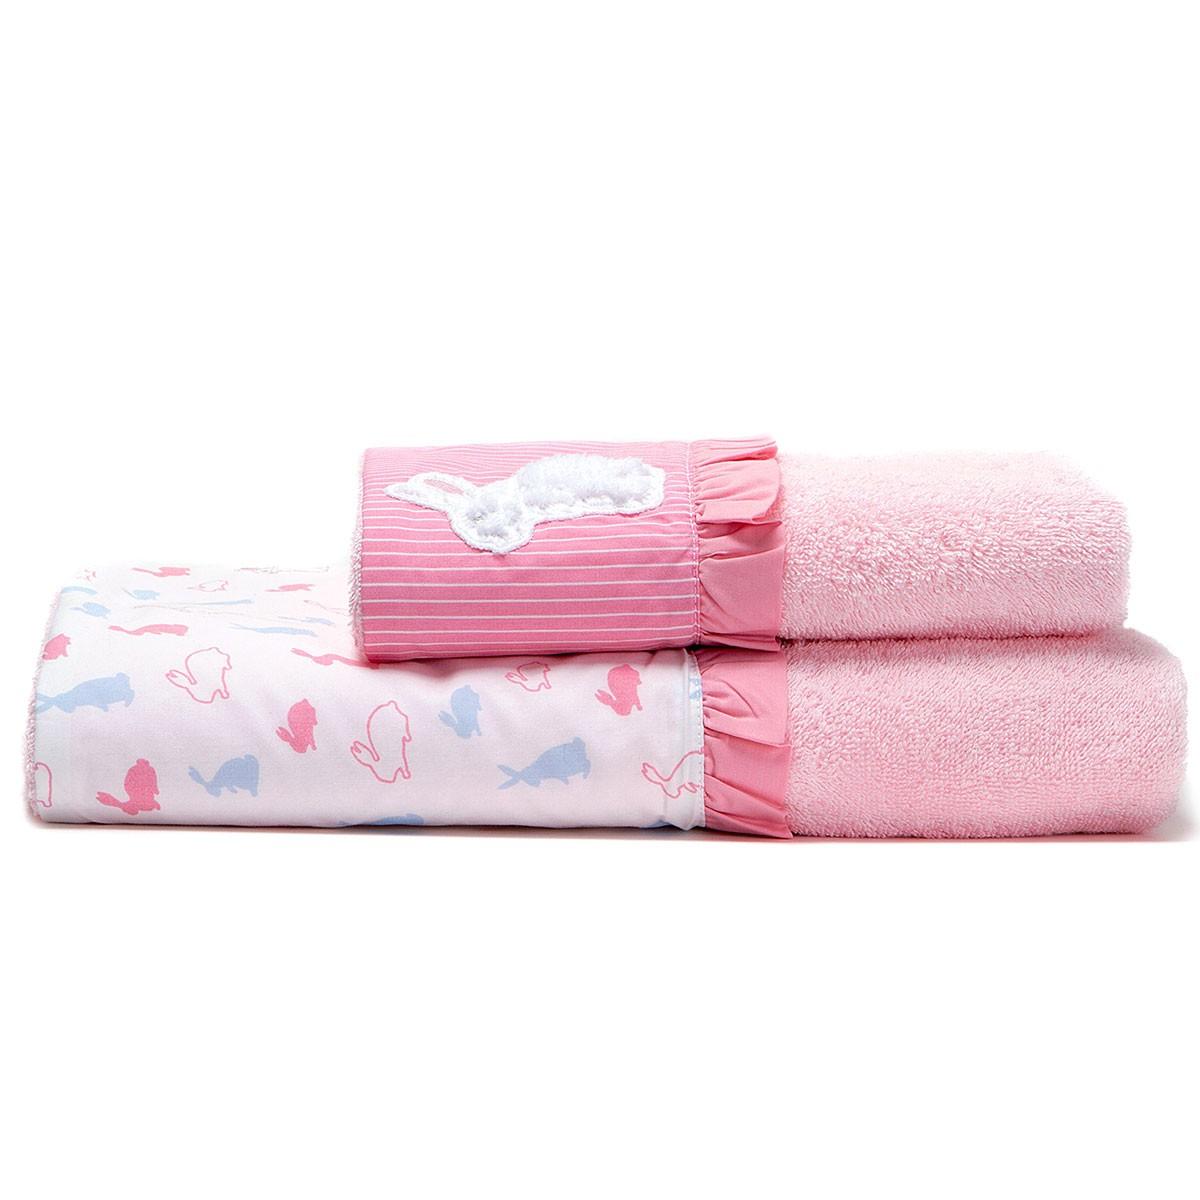 Βρεφικές Πετσέτες (Σετ 2τμχ) Laura Ashley Bunny Rabbit 58118